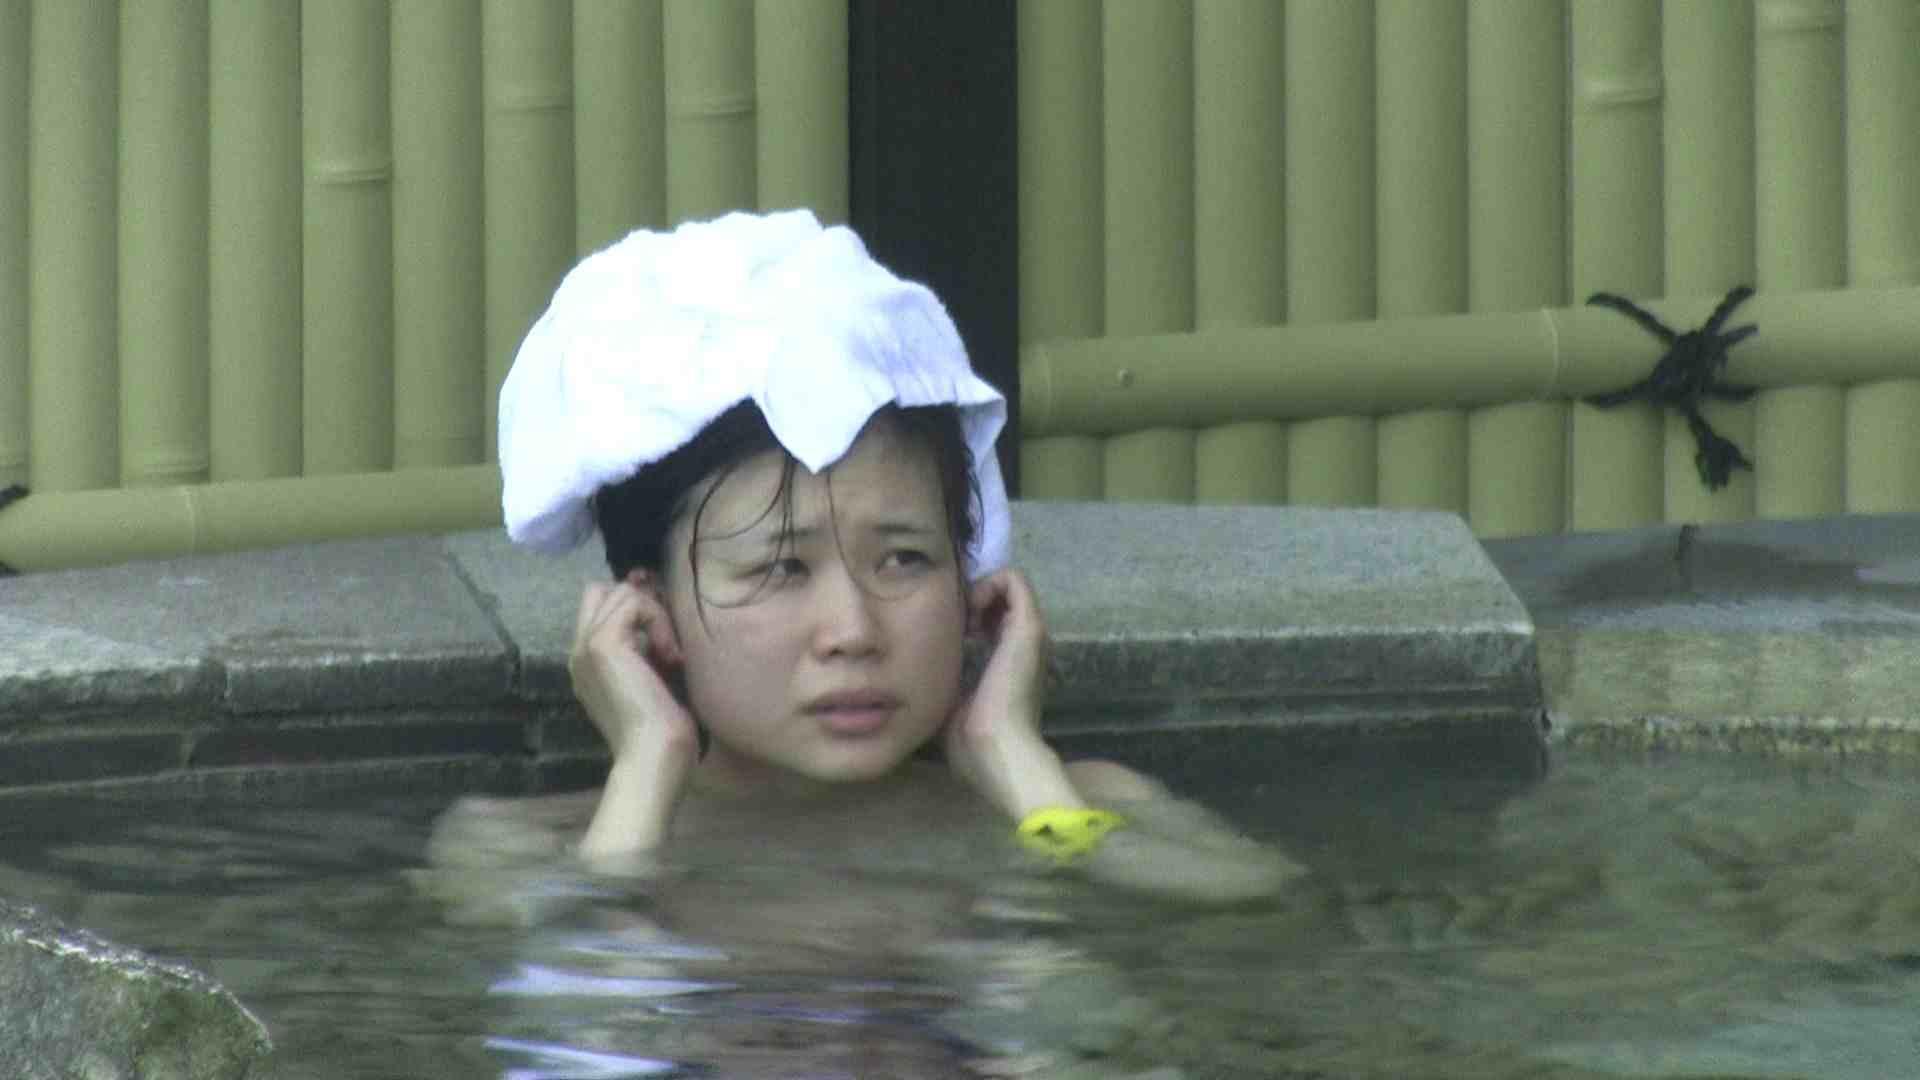 Aquaな露天風呂Vol.183 盗撮  69画像 42